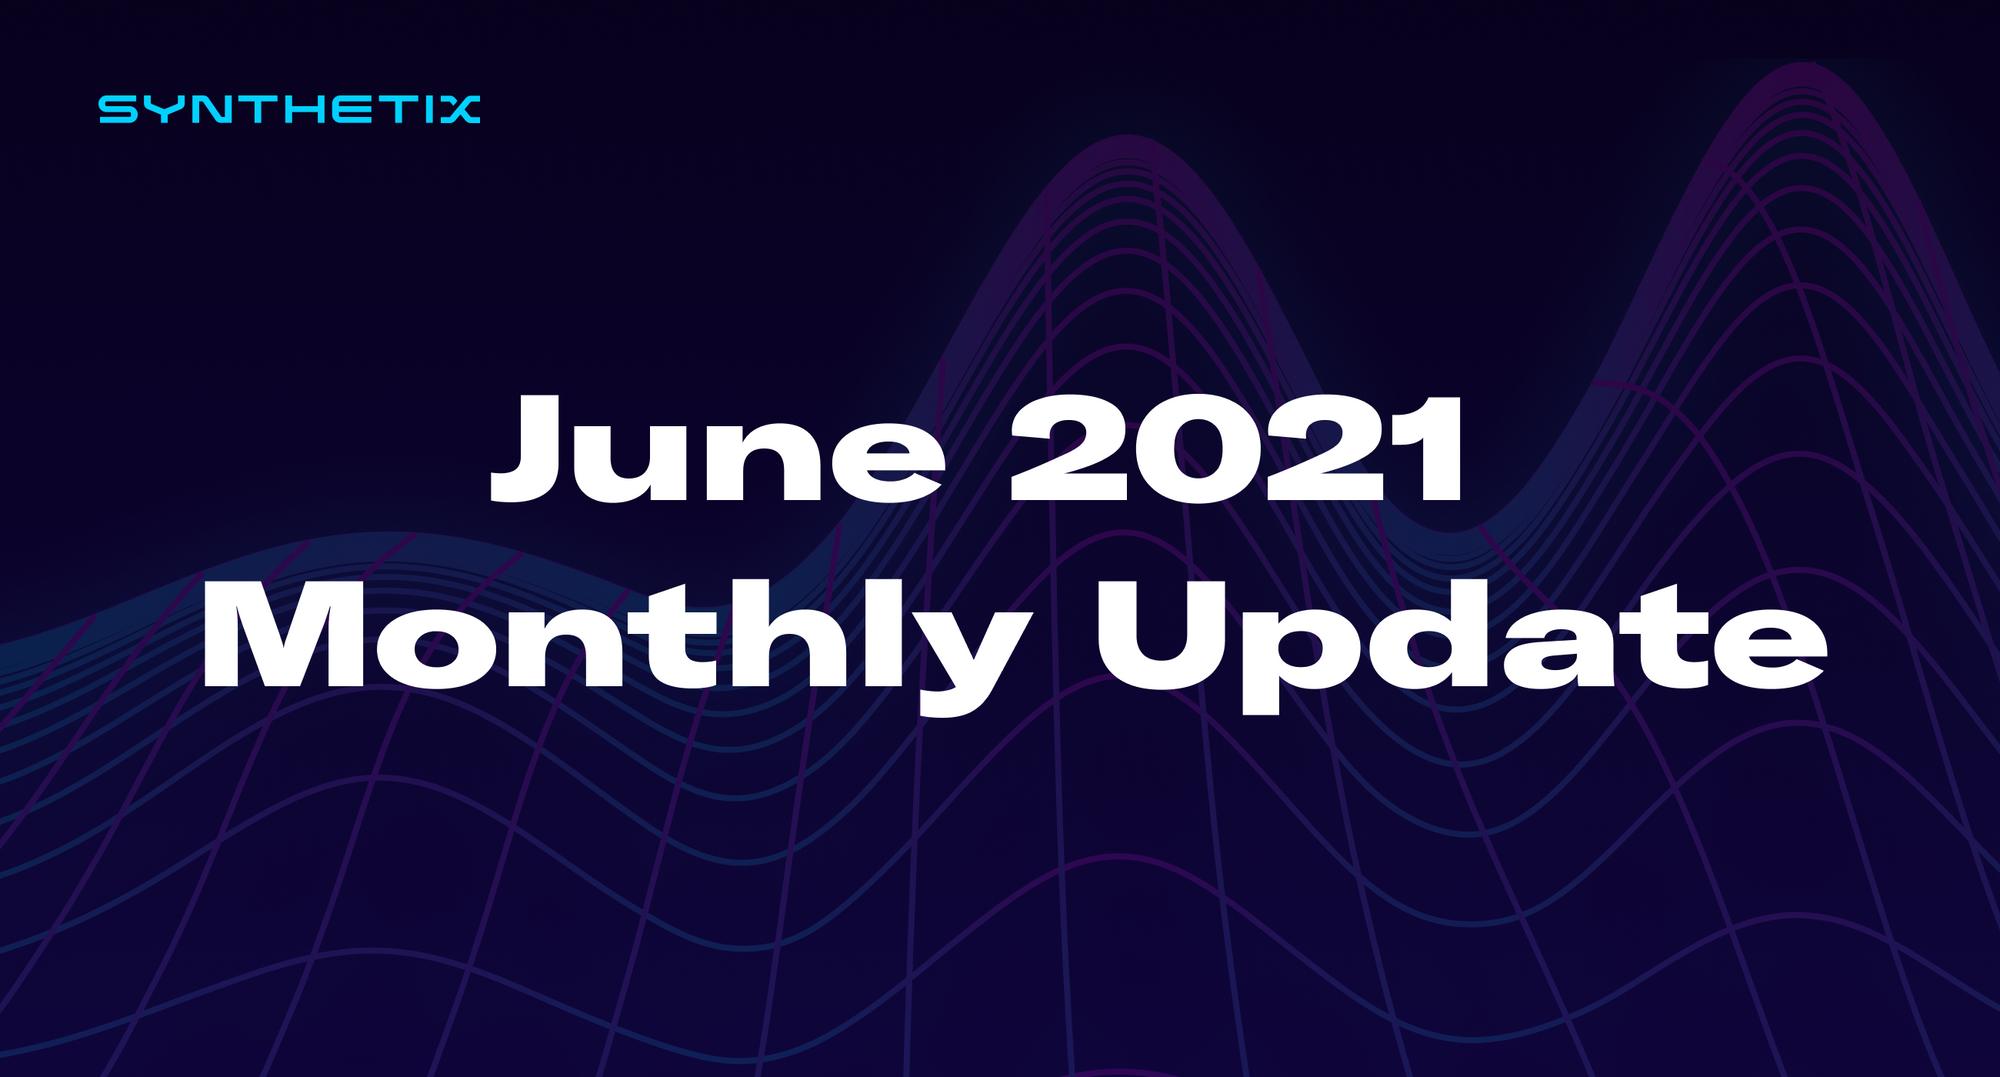 June 2021 Monthly Update